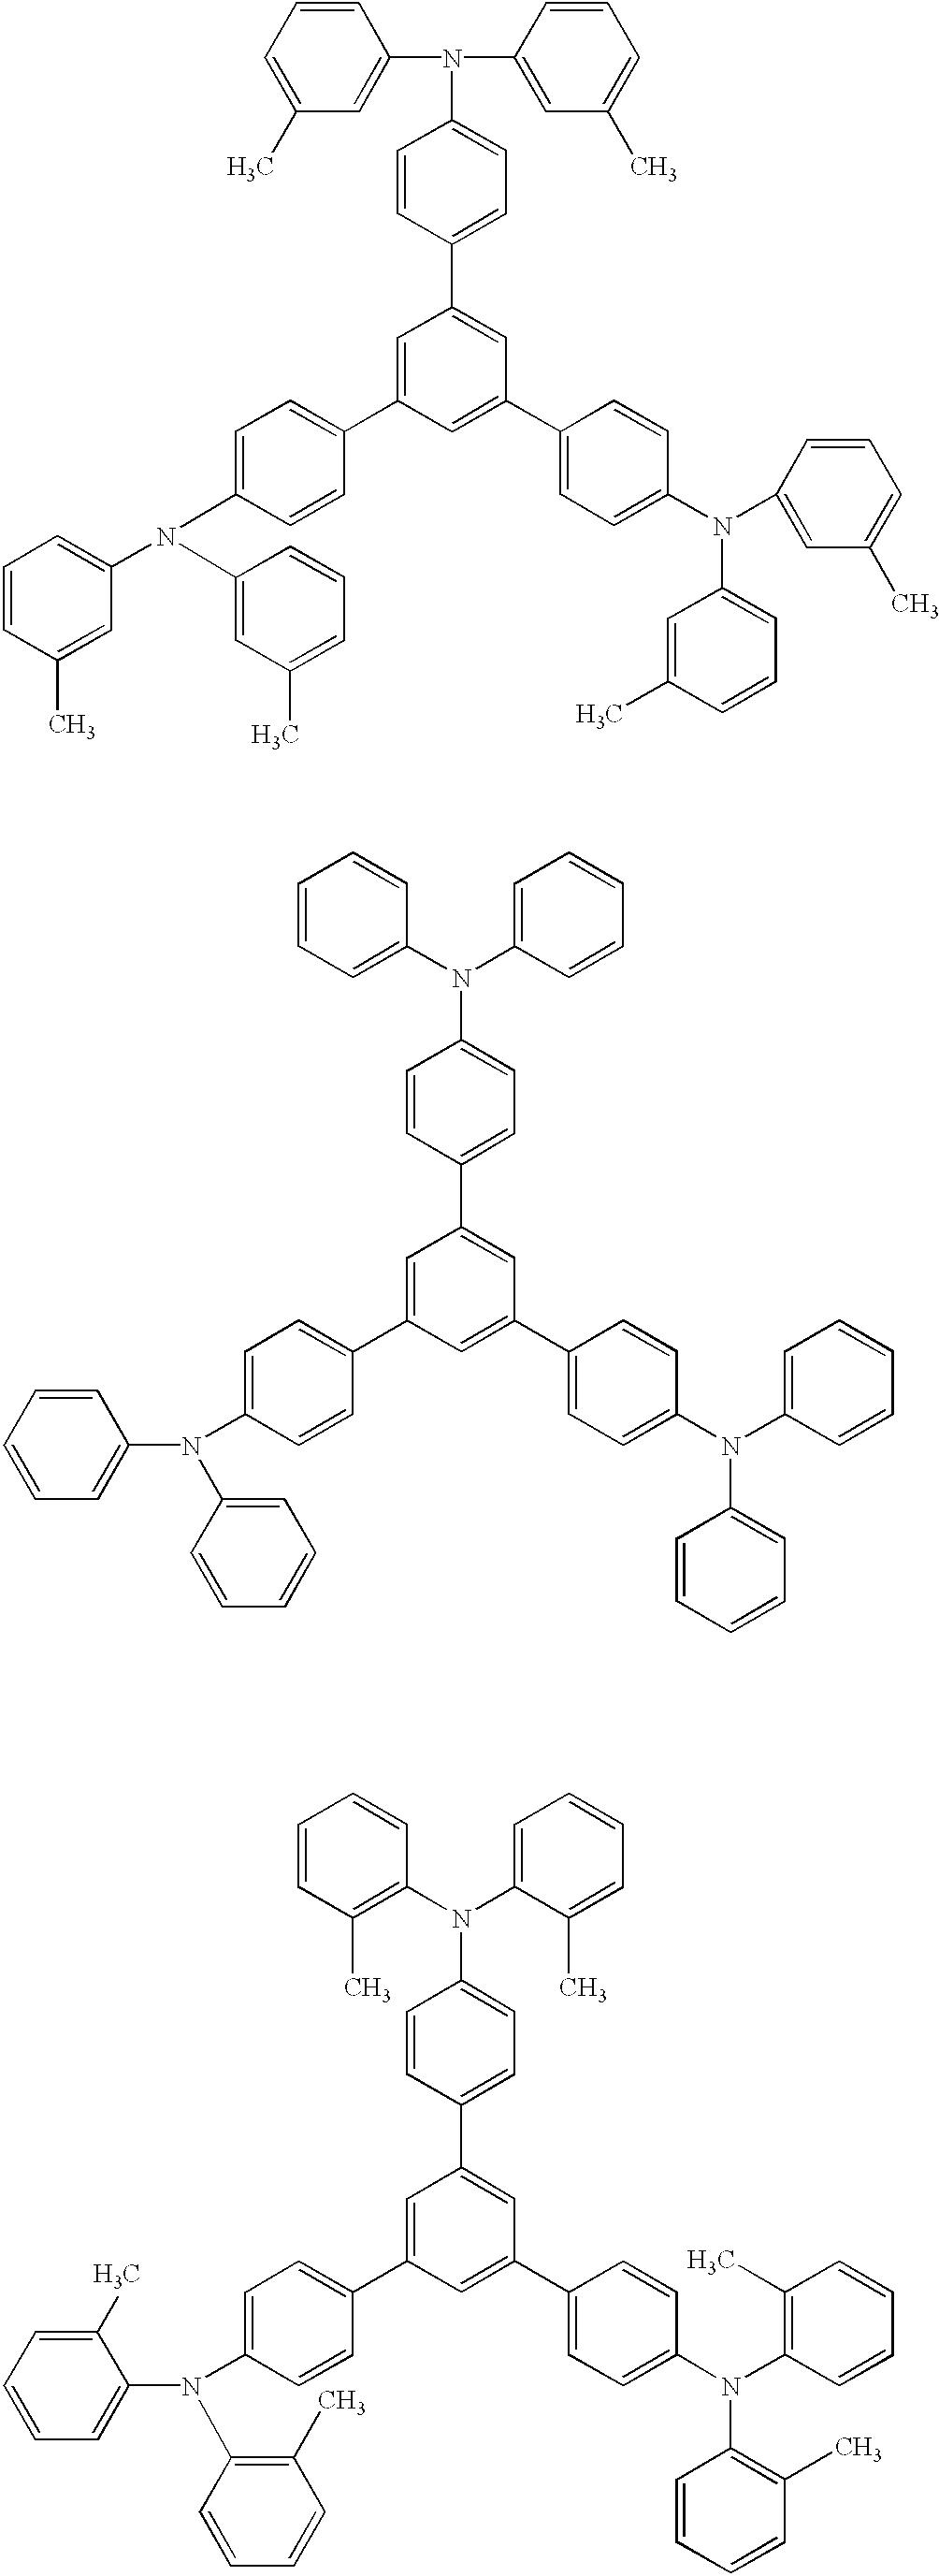 Figure US20020110701A1-20020815-C00015